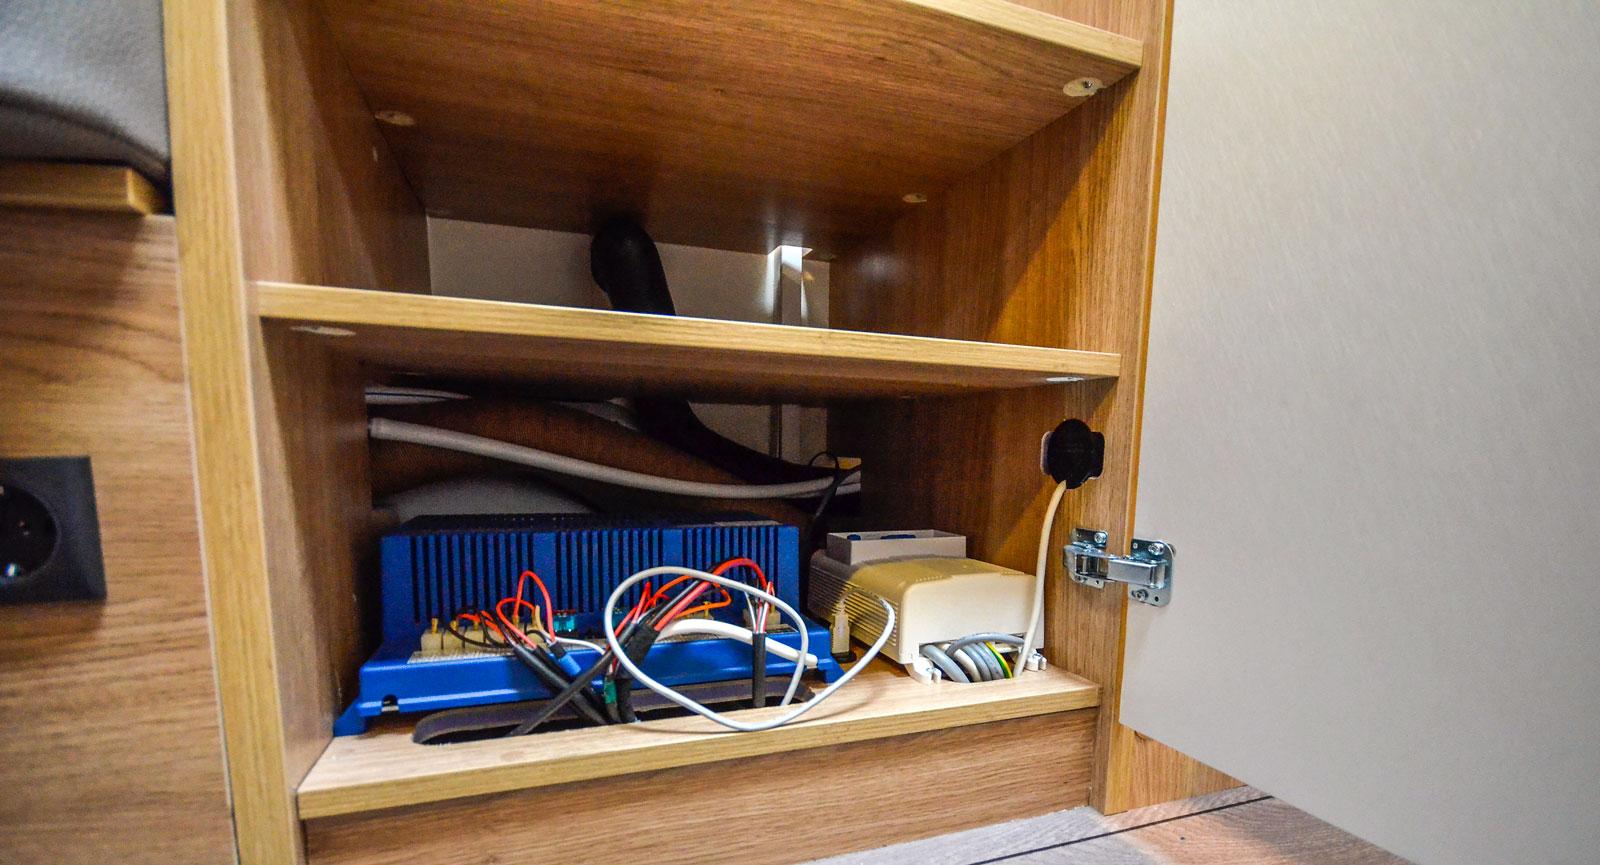 I en så här liten vagn får alla elprylar plats på den lägsta hyllan i garderoben.